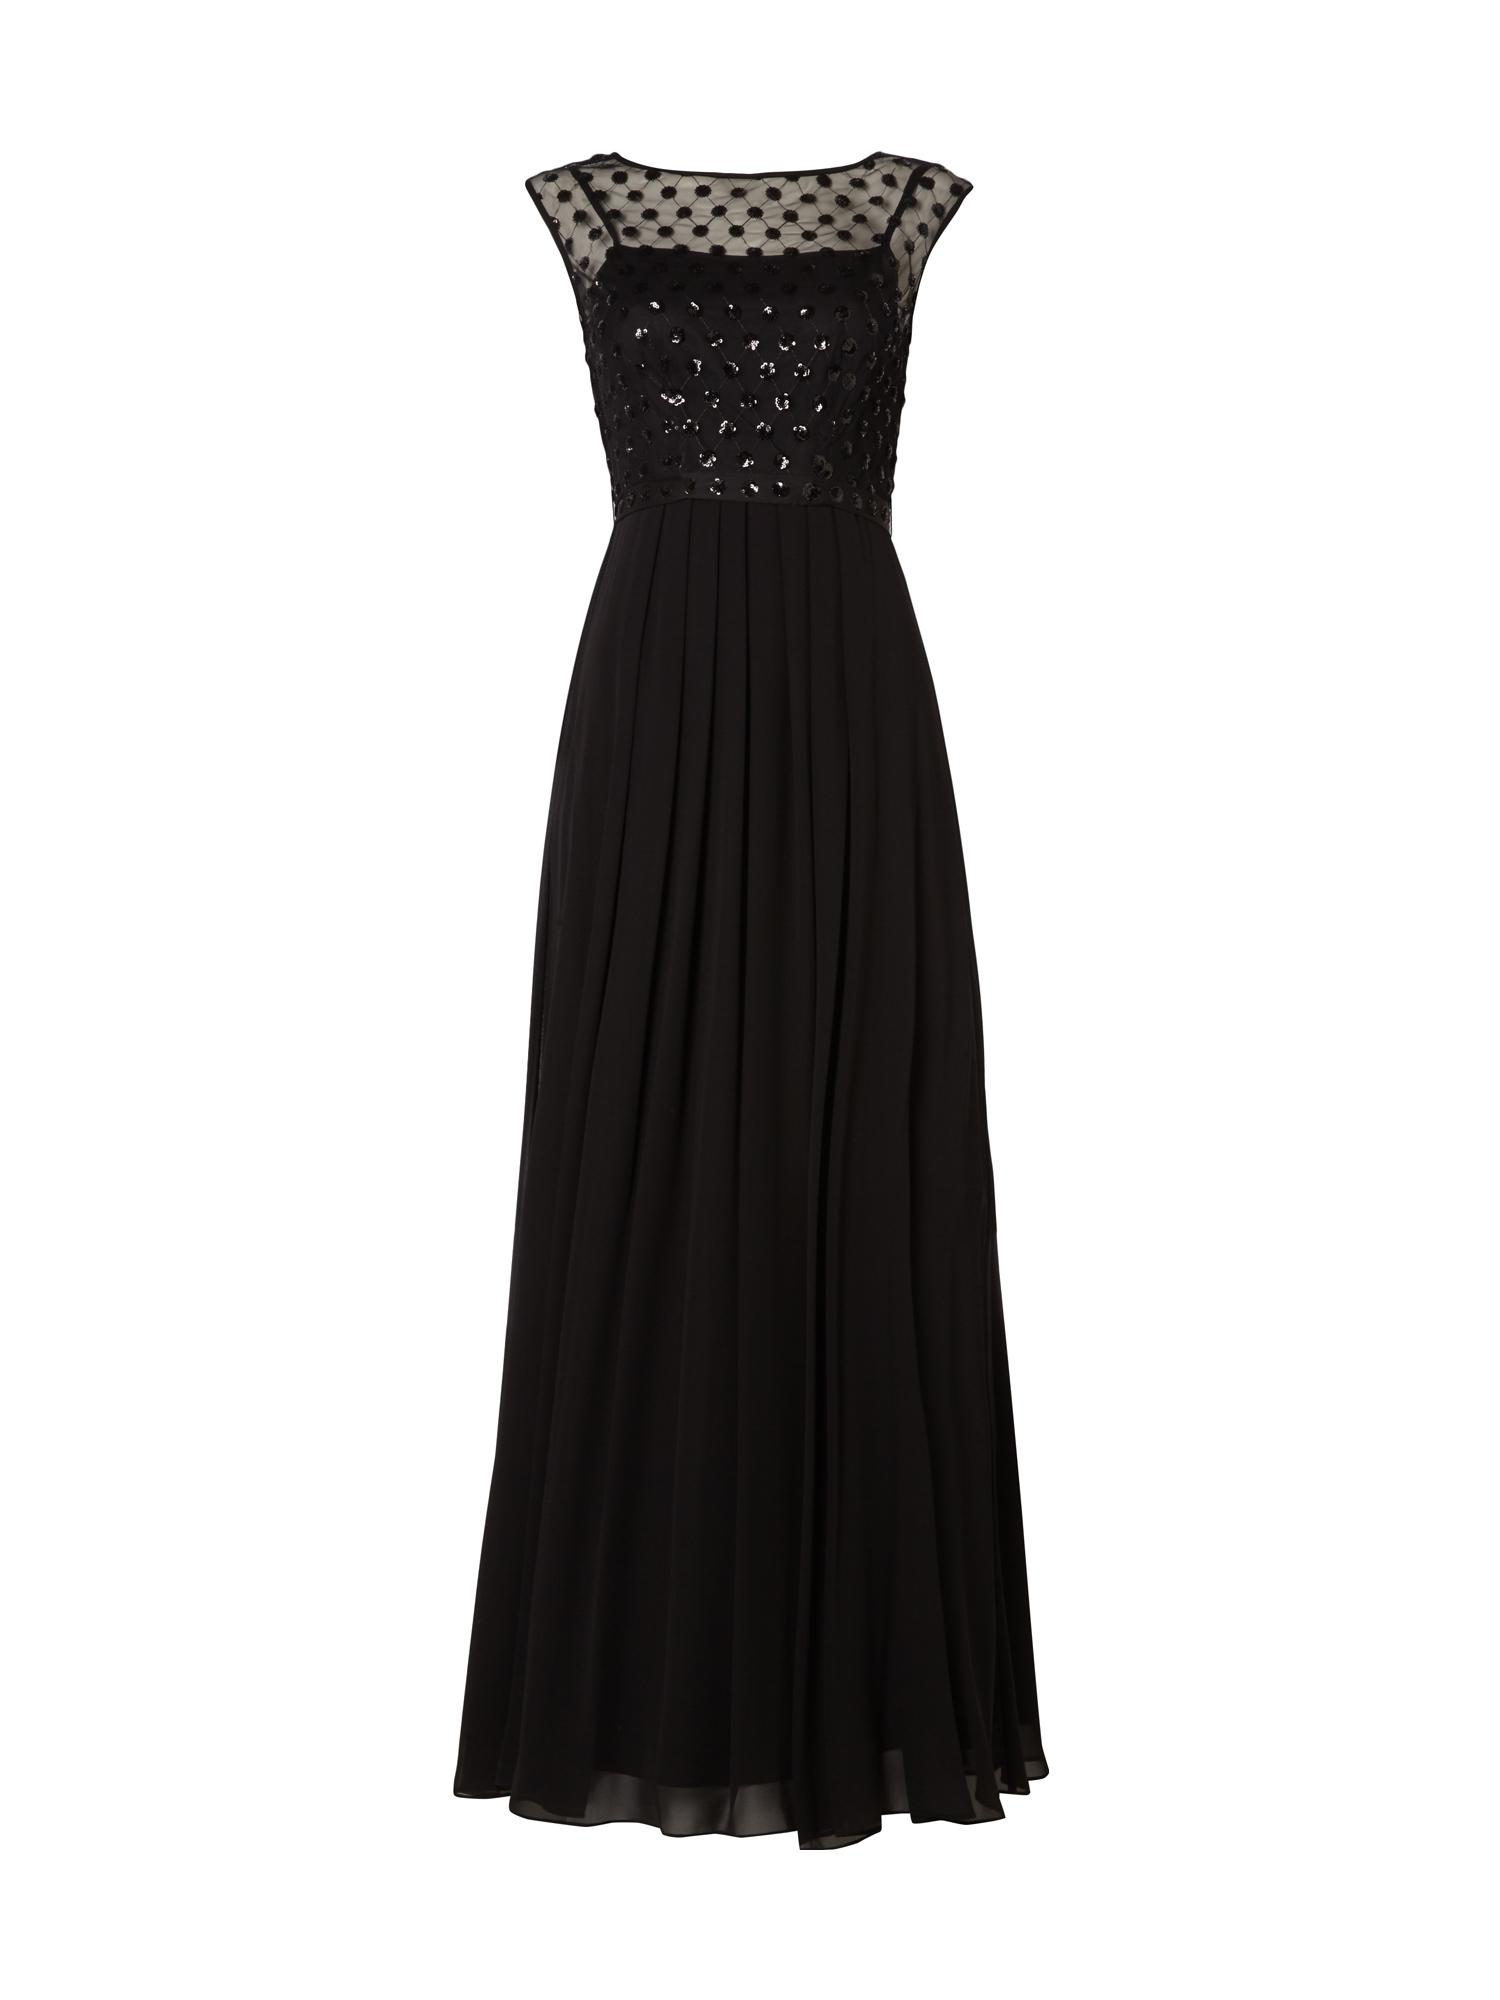 Coast – Abendkleid mit Oberteil aus Mesh und Pailletten – Schwarz